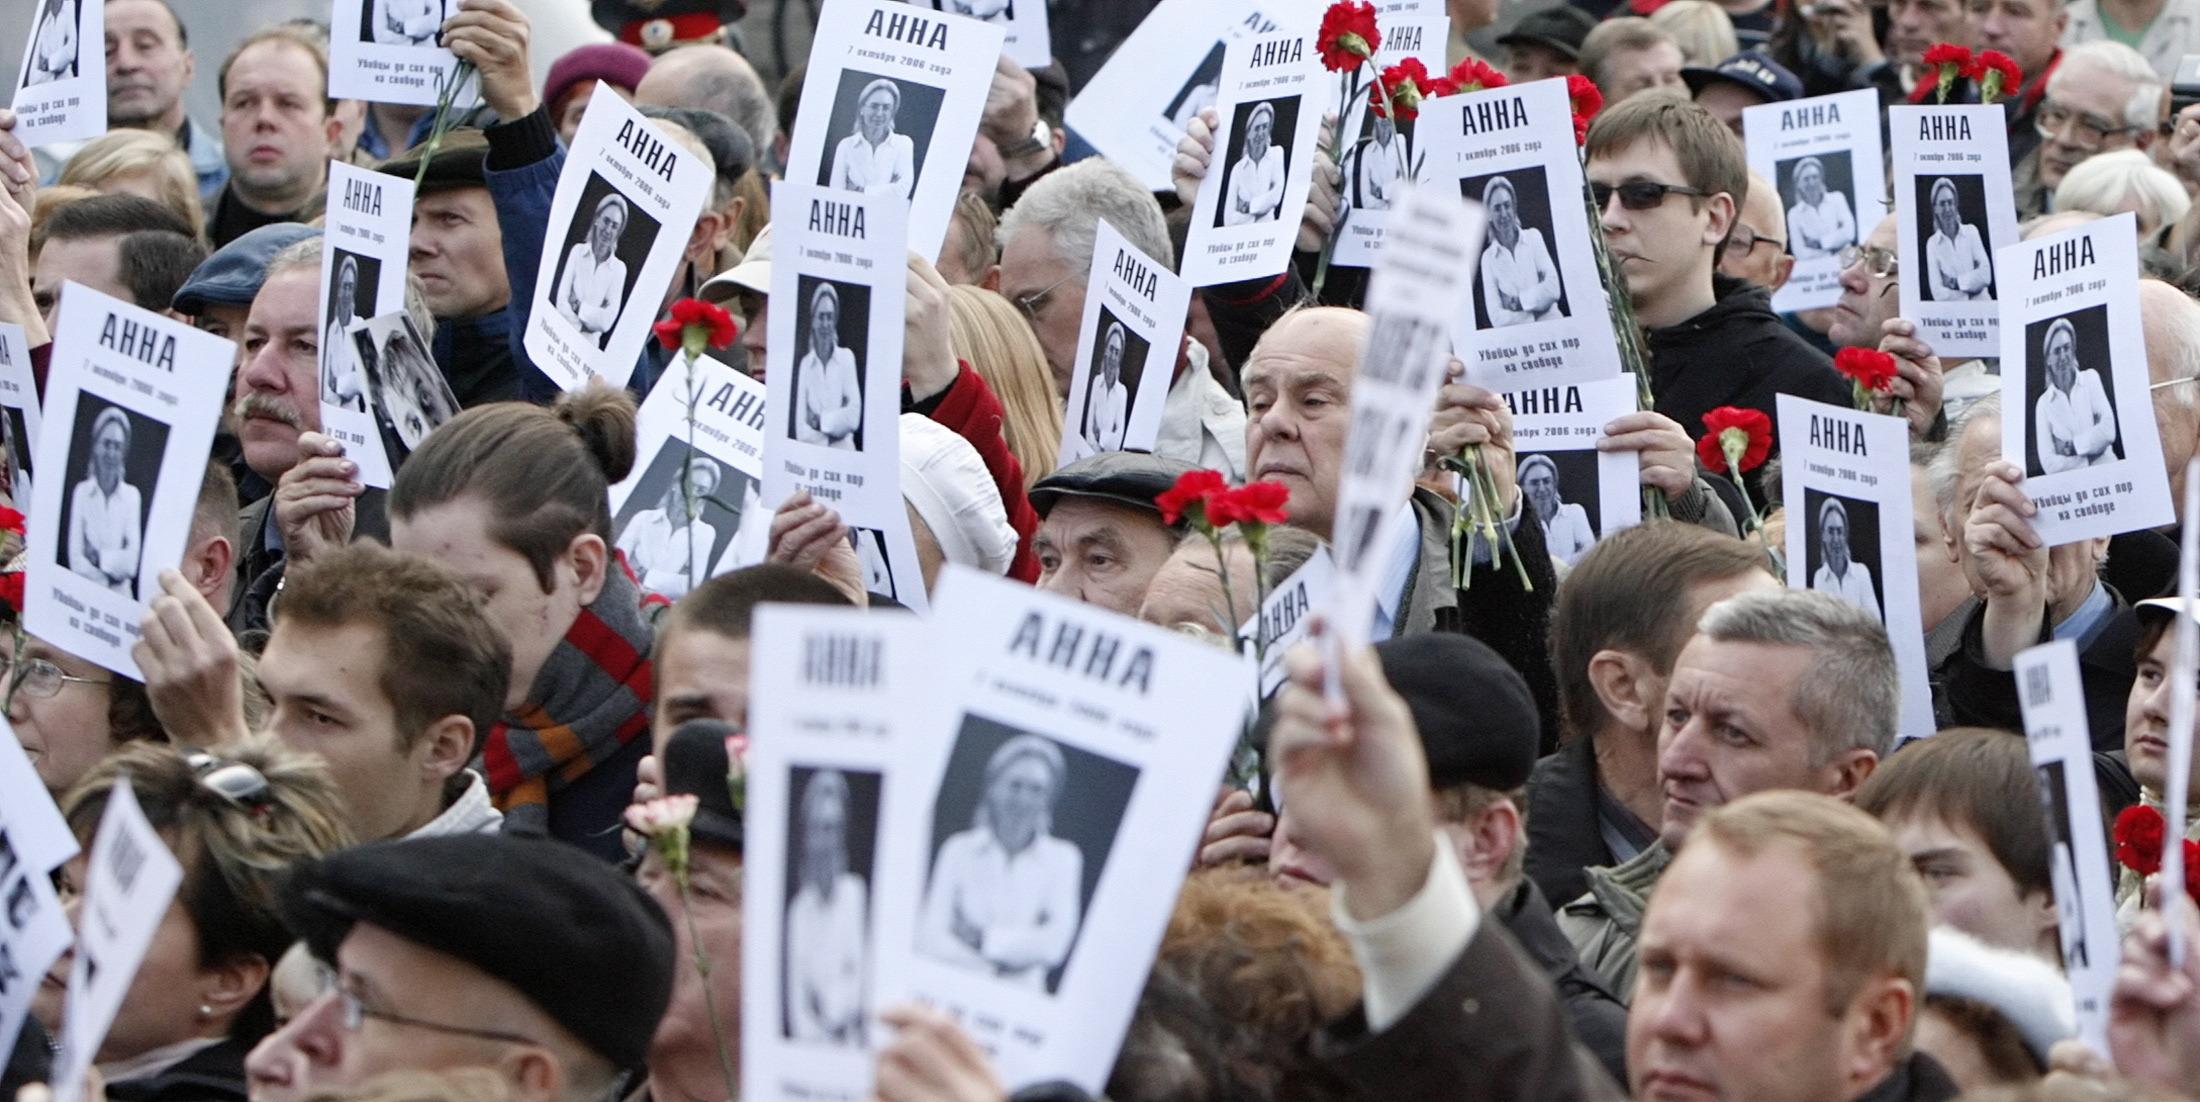 Žmonės su plakatais rankose.